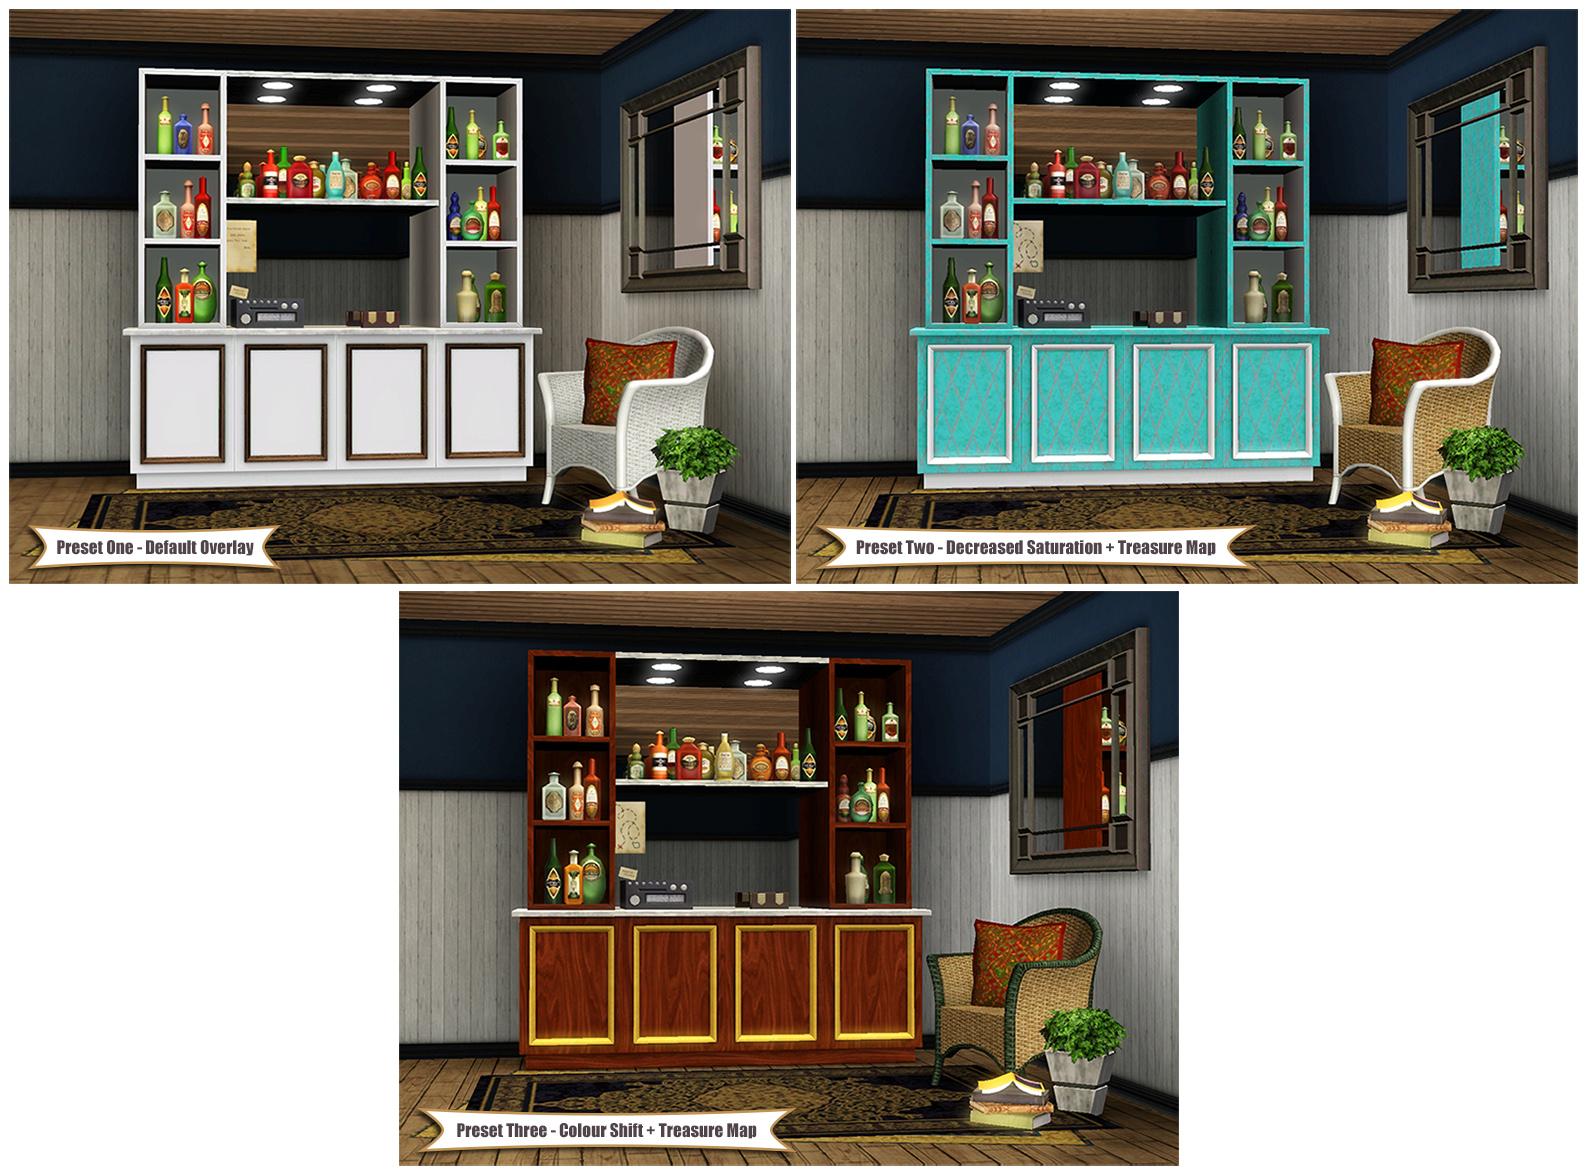 Mod The Sims Top Shelf Nectar Rack